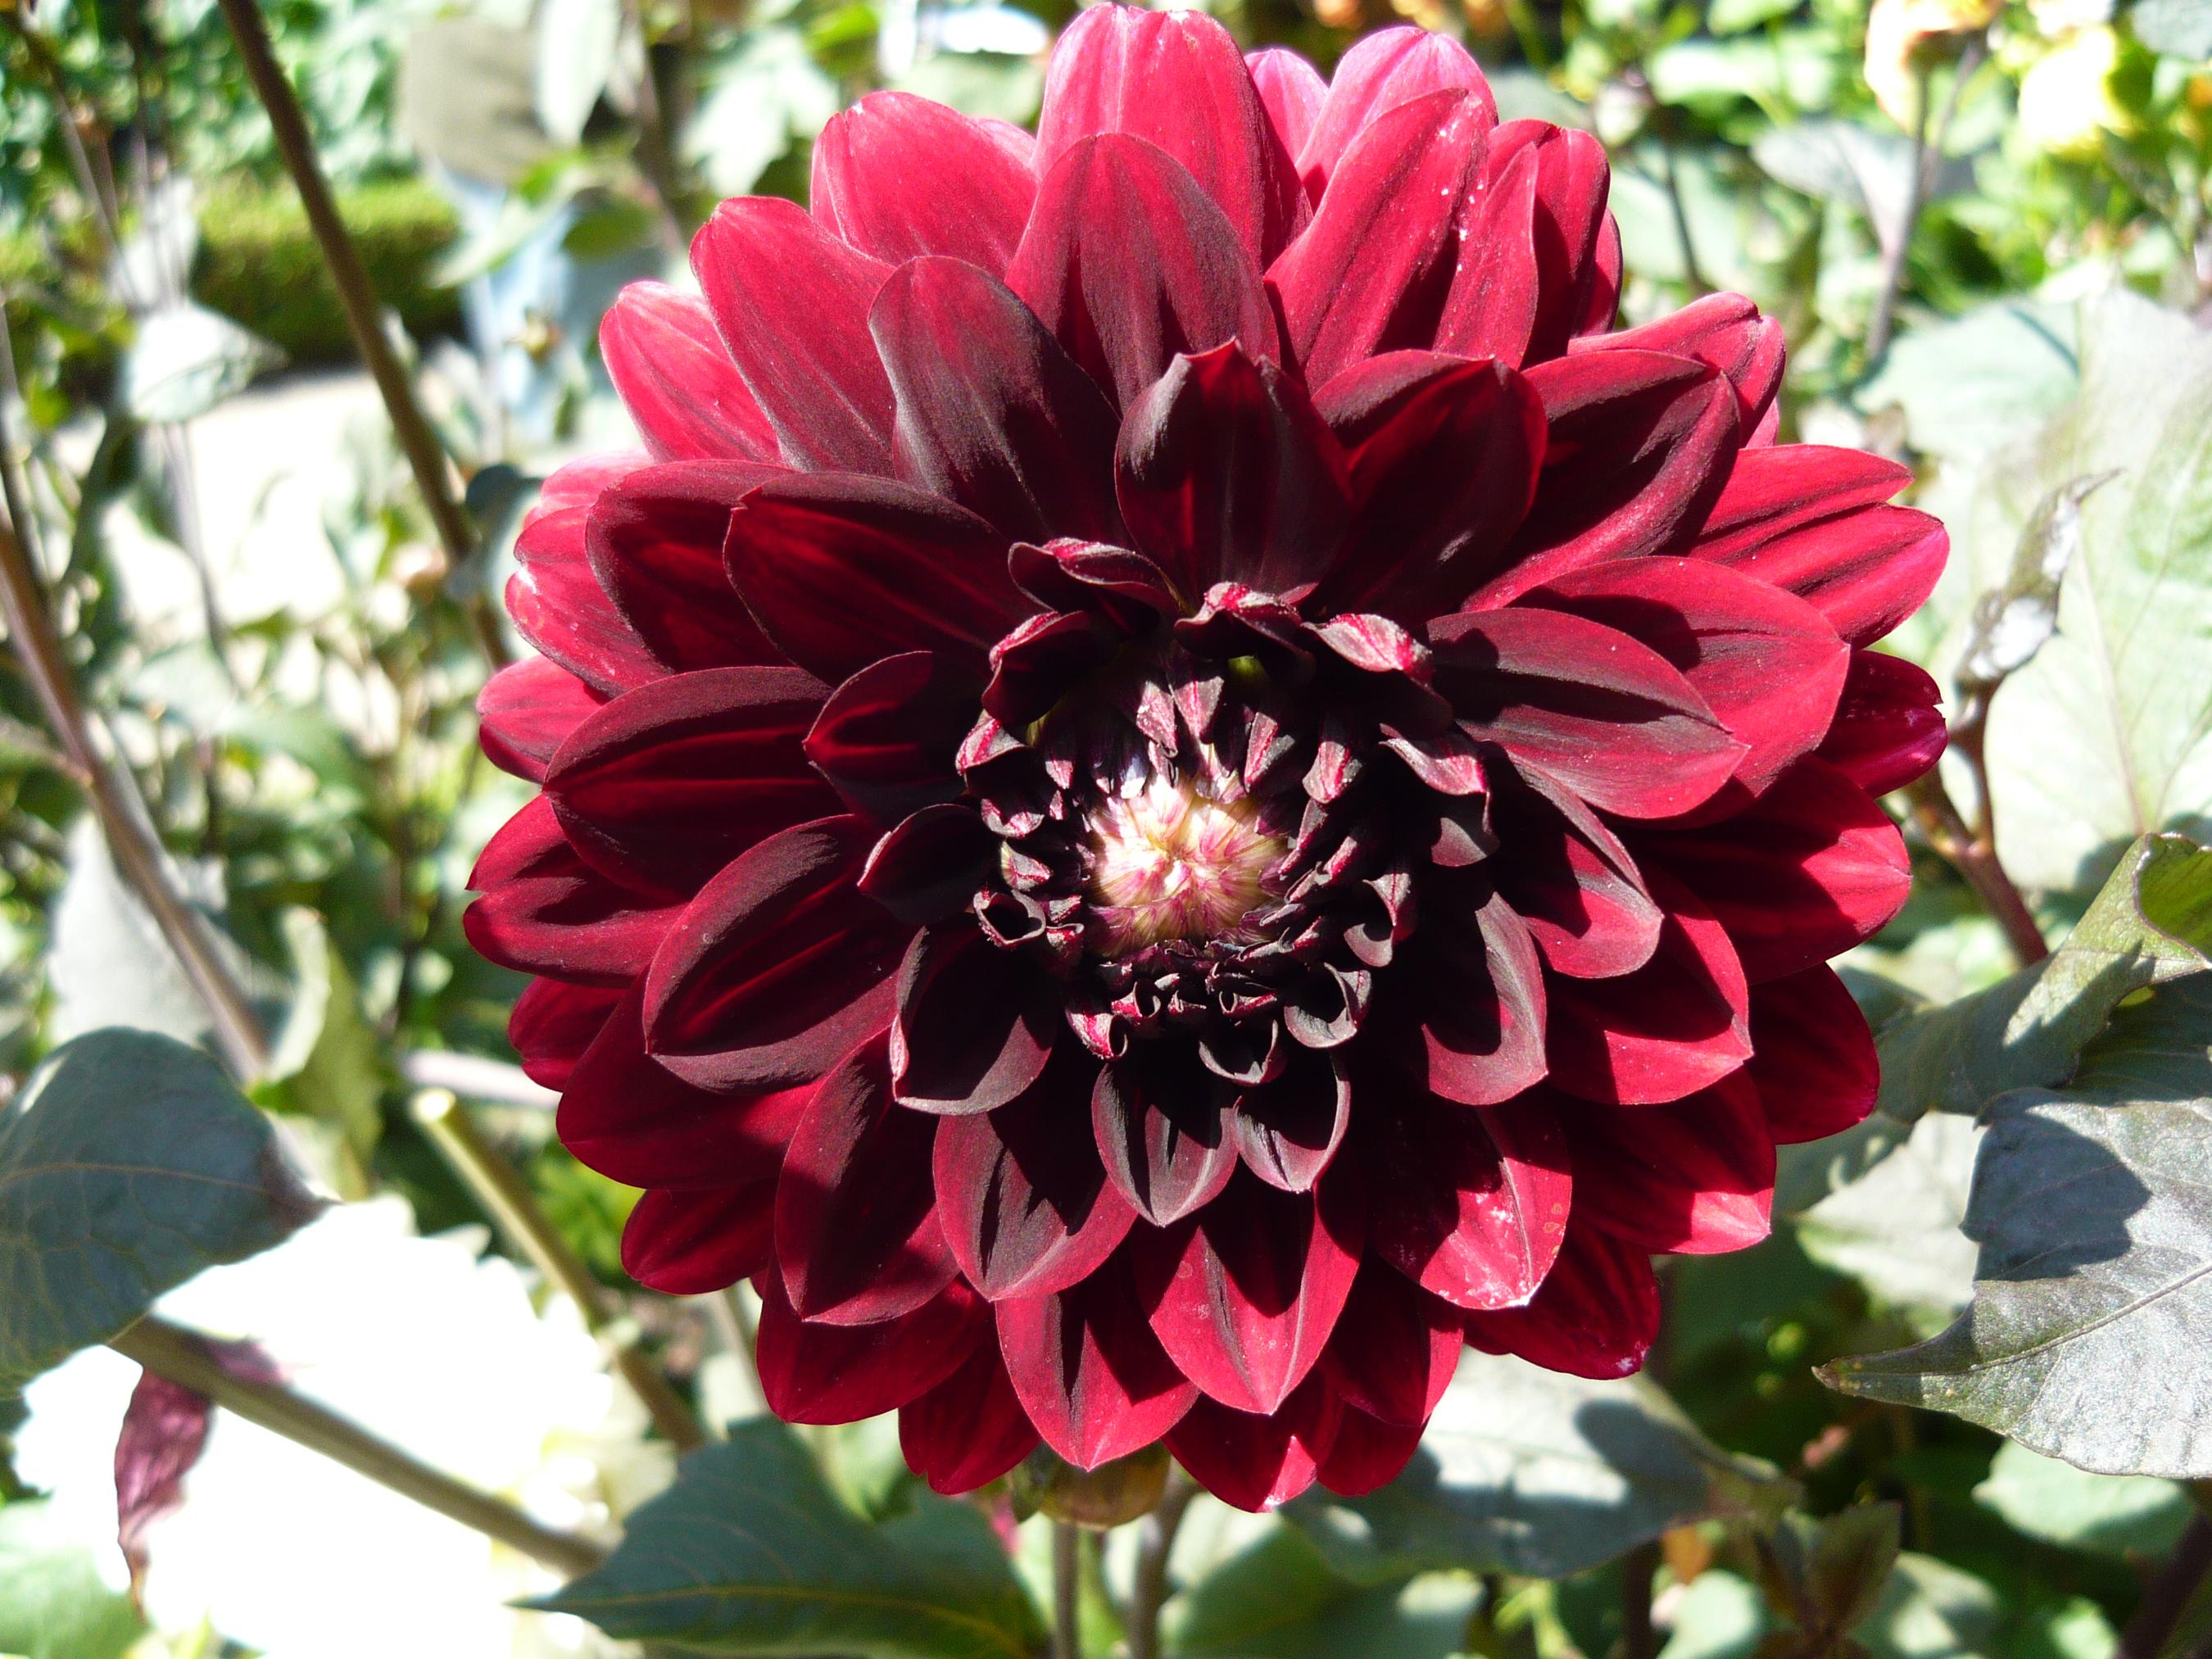 Фото Бордовый Цветы Георгины вблизи 2700x2025 бордовая бордовые темно красный цветок Крупным планом